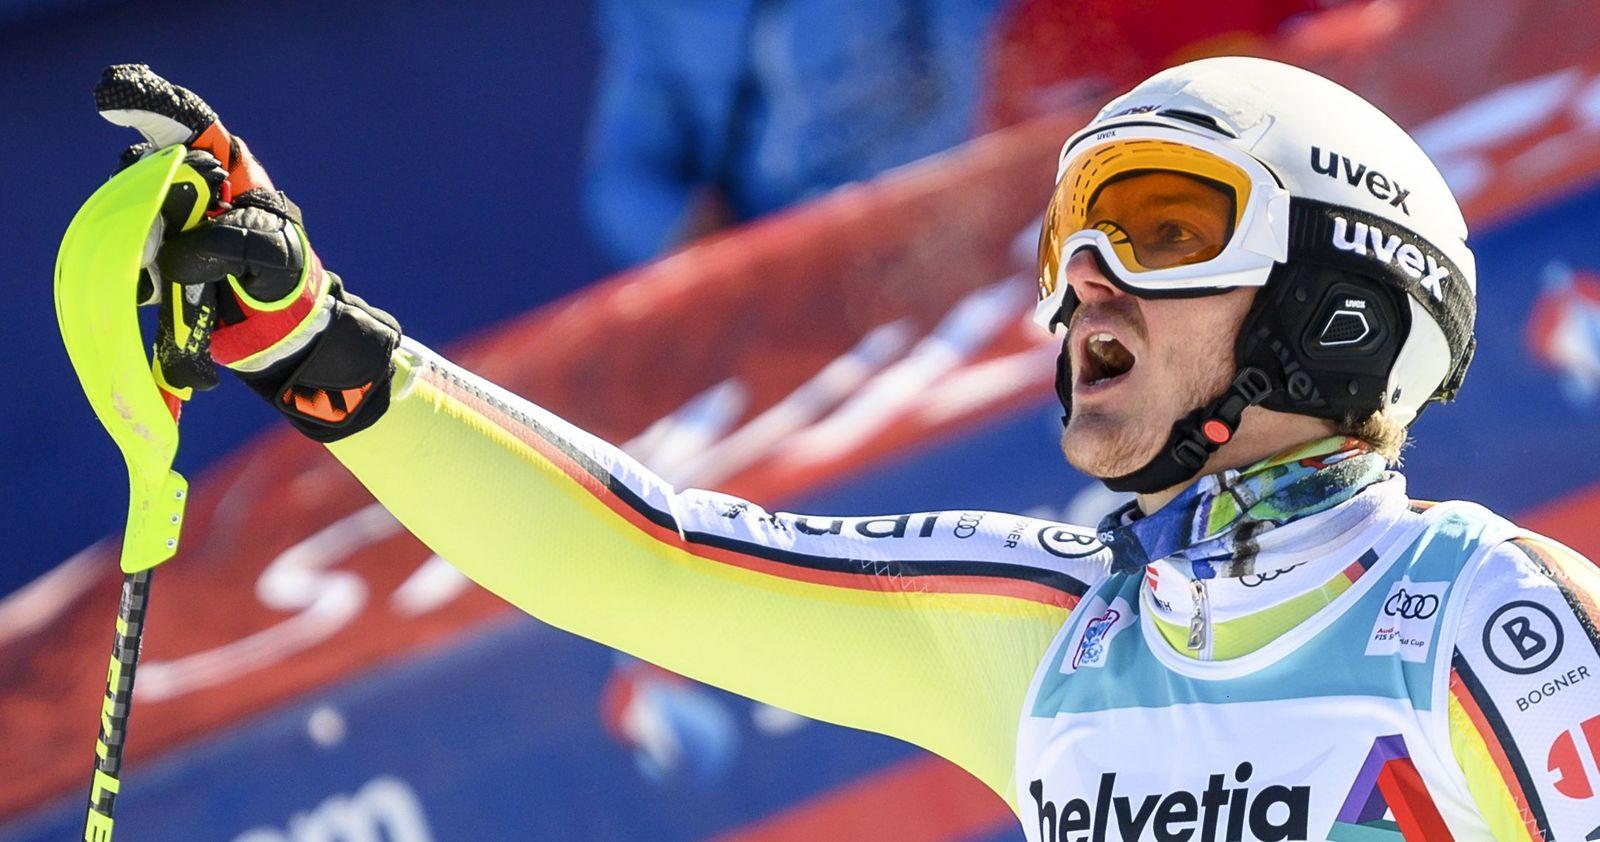 FIS Alpine Skiing World Cup in Adelboden, Switzerland - 10 Jan 2021